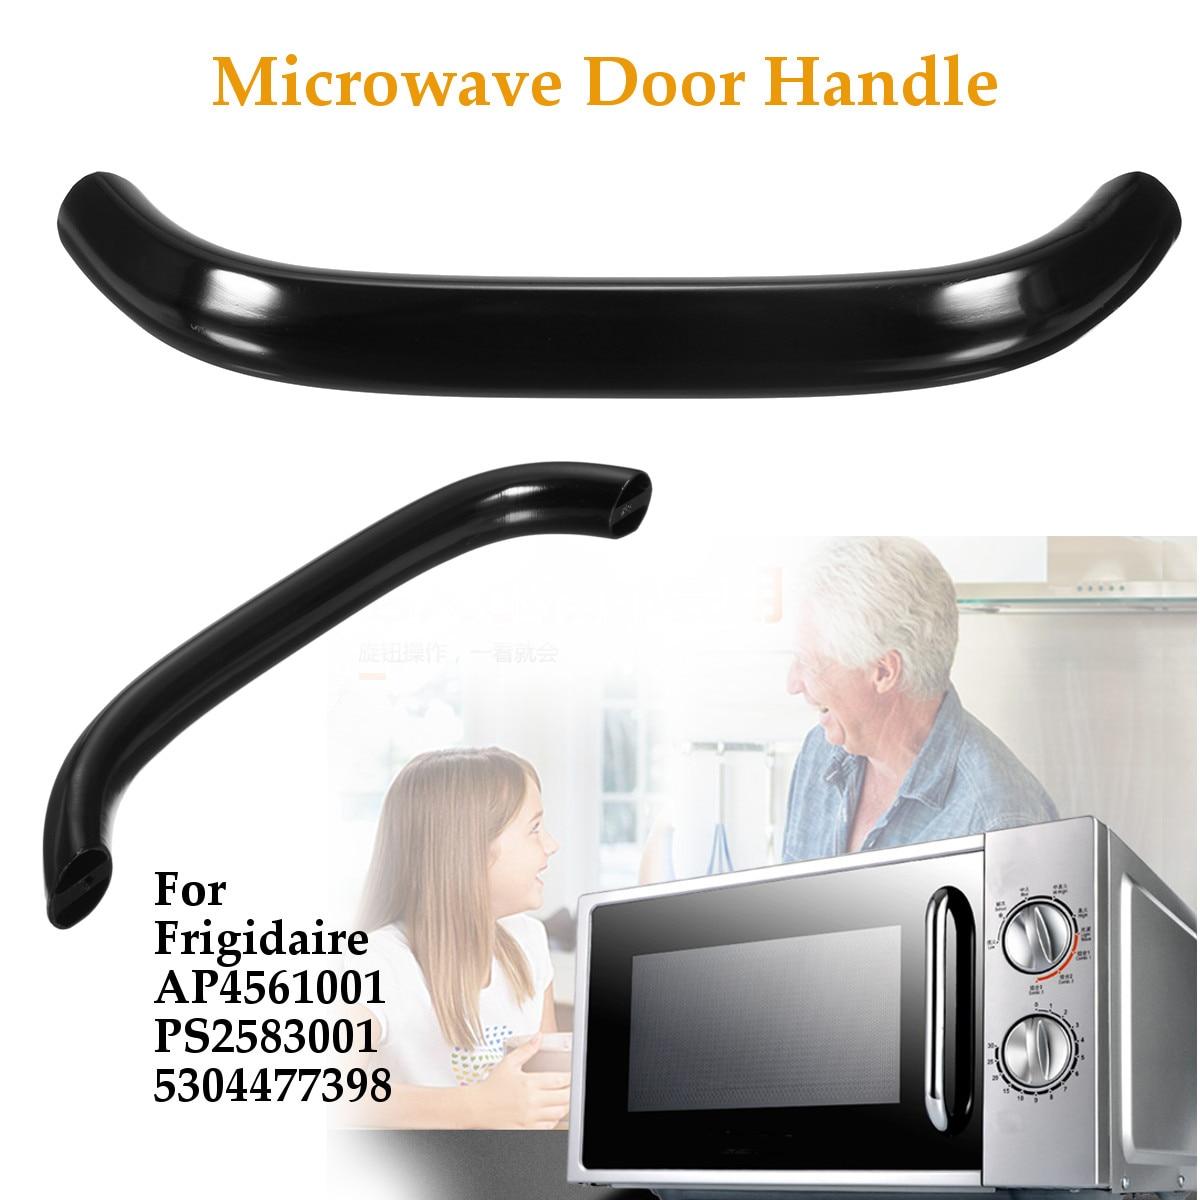 Part For Frigidaire Microwave Door Handle Replacement